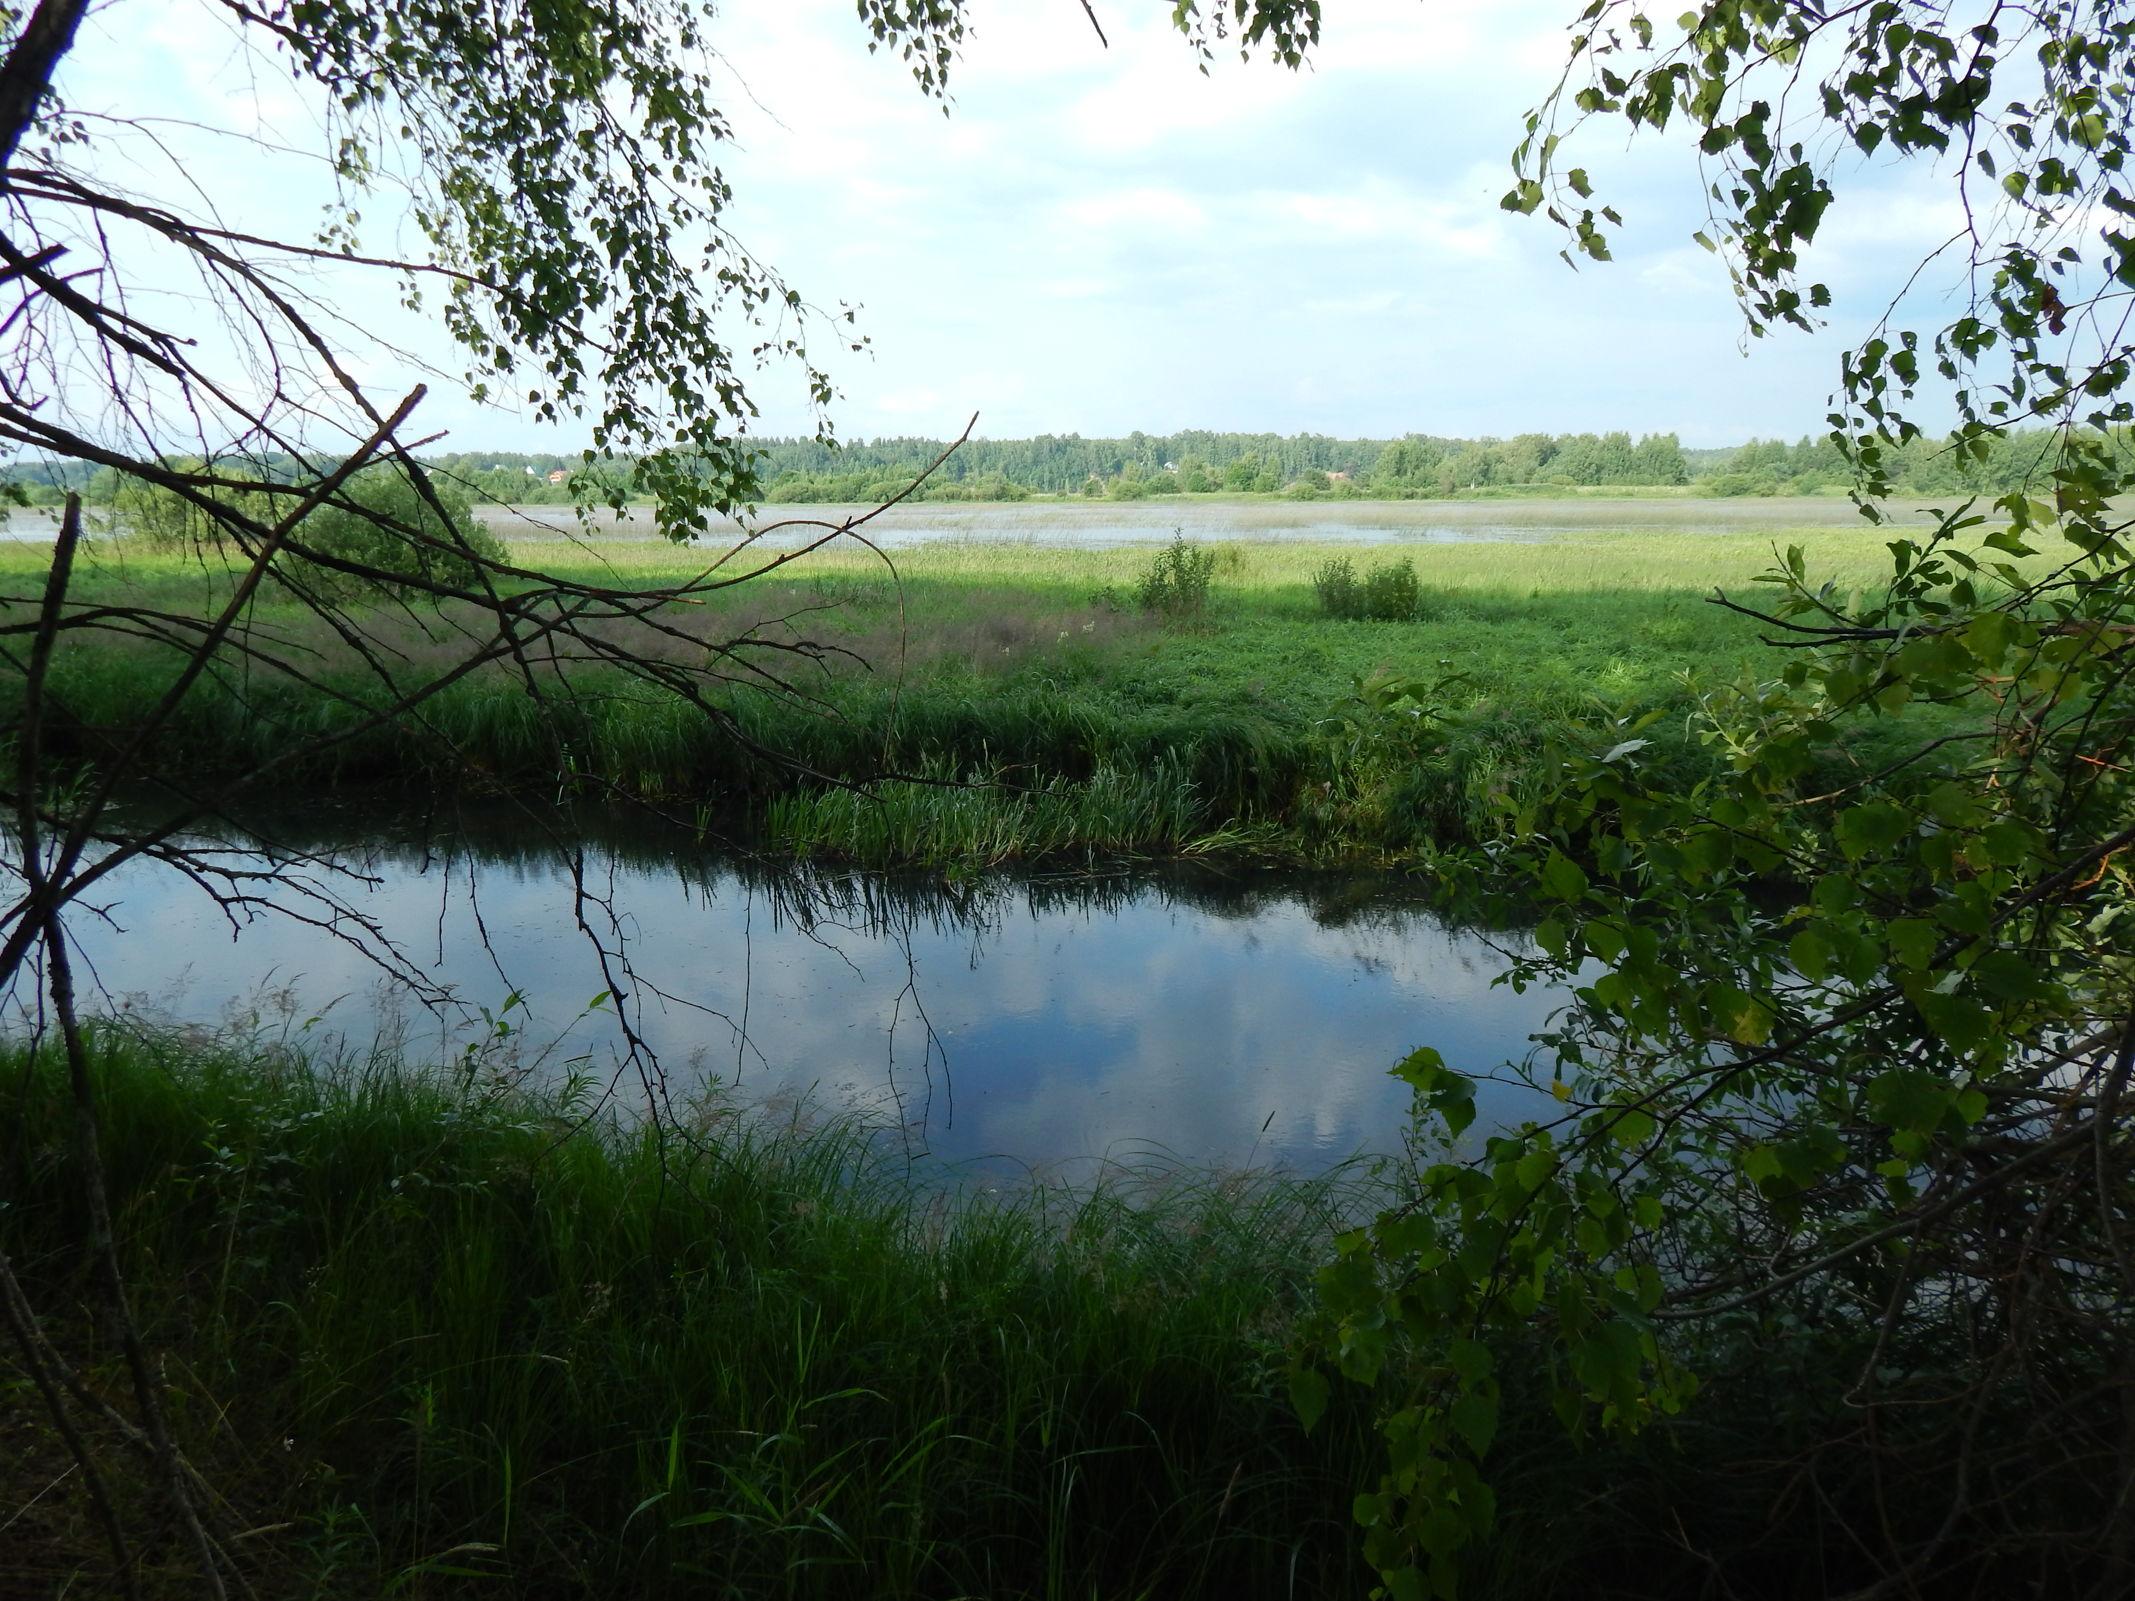 Нарушители режима использования особо охраняемых природных территорий оштрафованы на 1,3 миллиона рублей